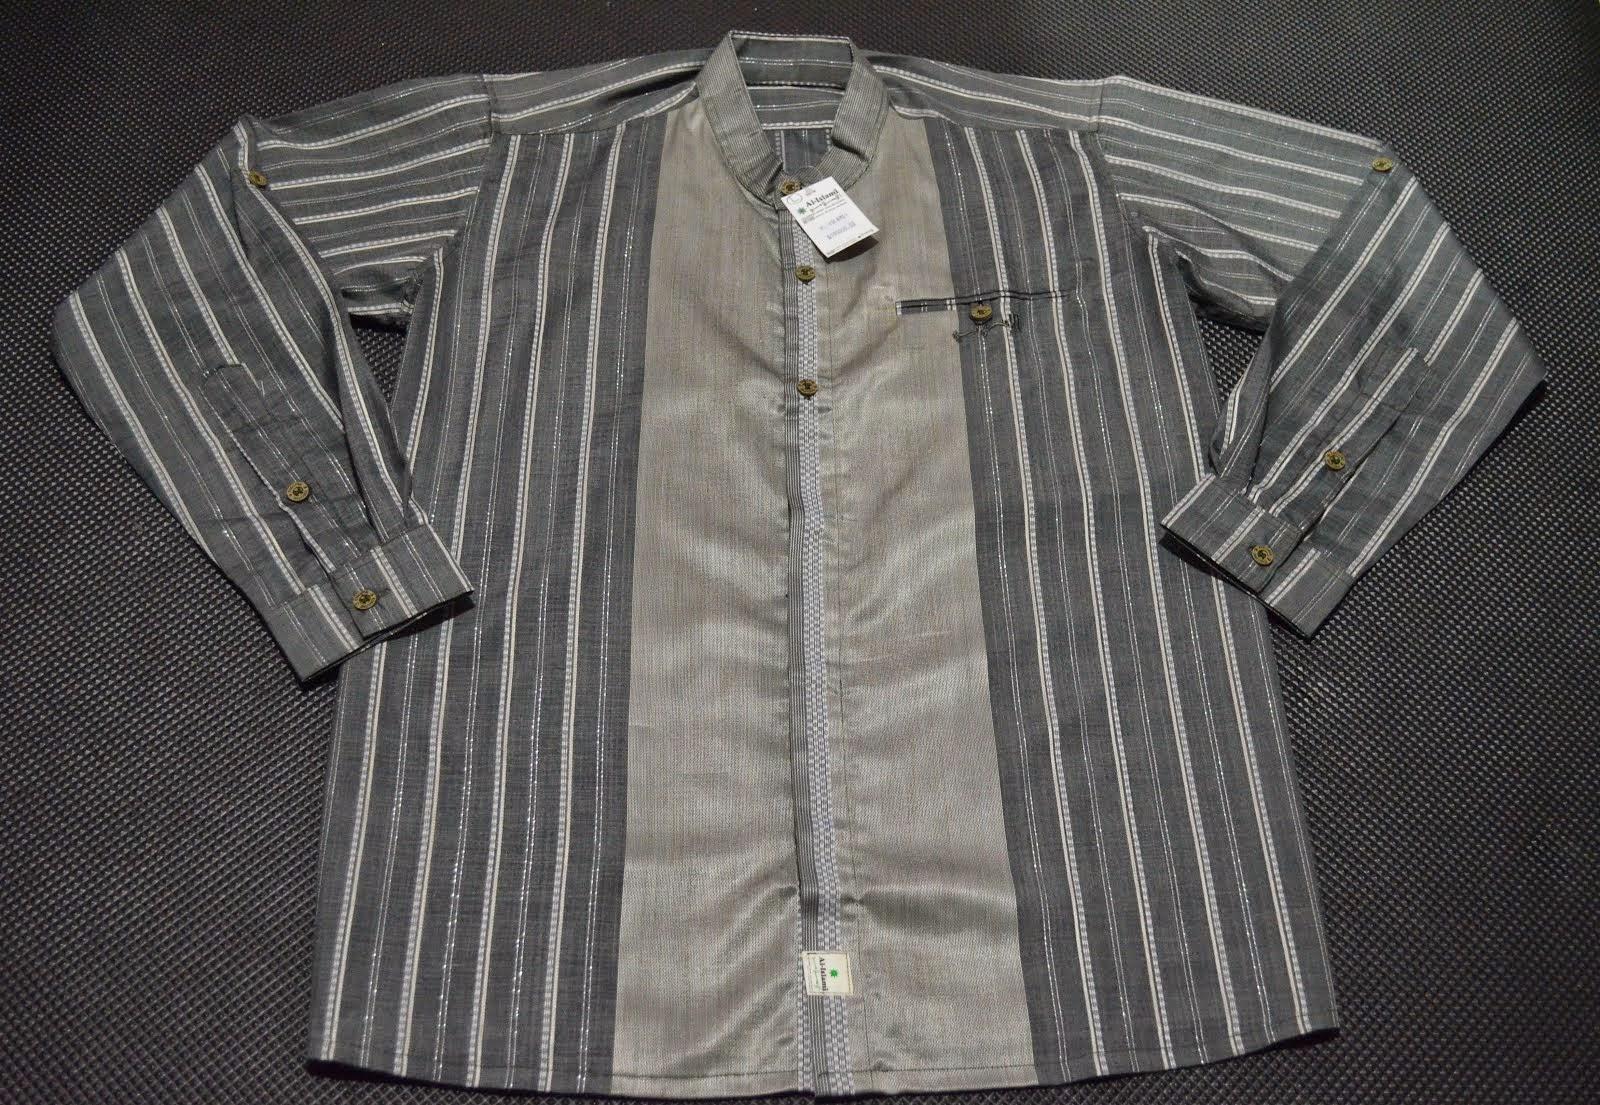 Baju Koko Caligrafi Alcal-Modcoll